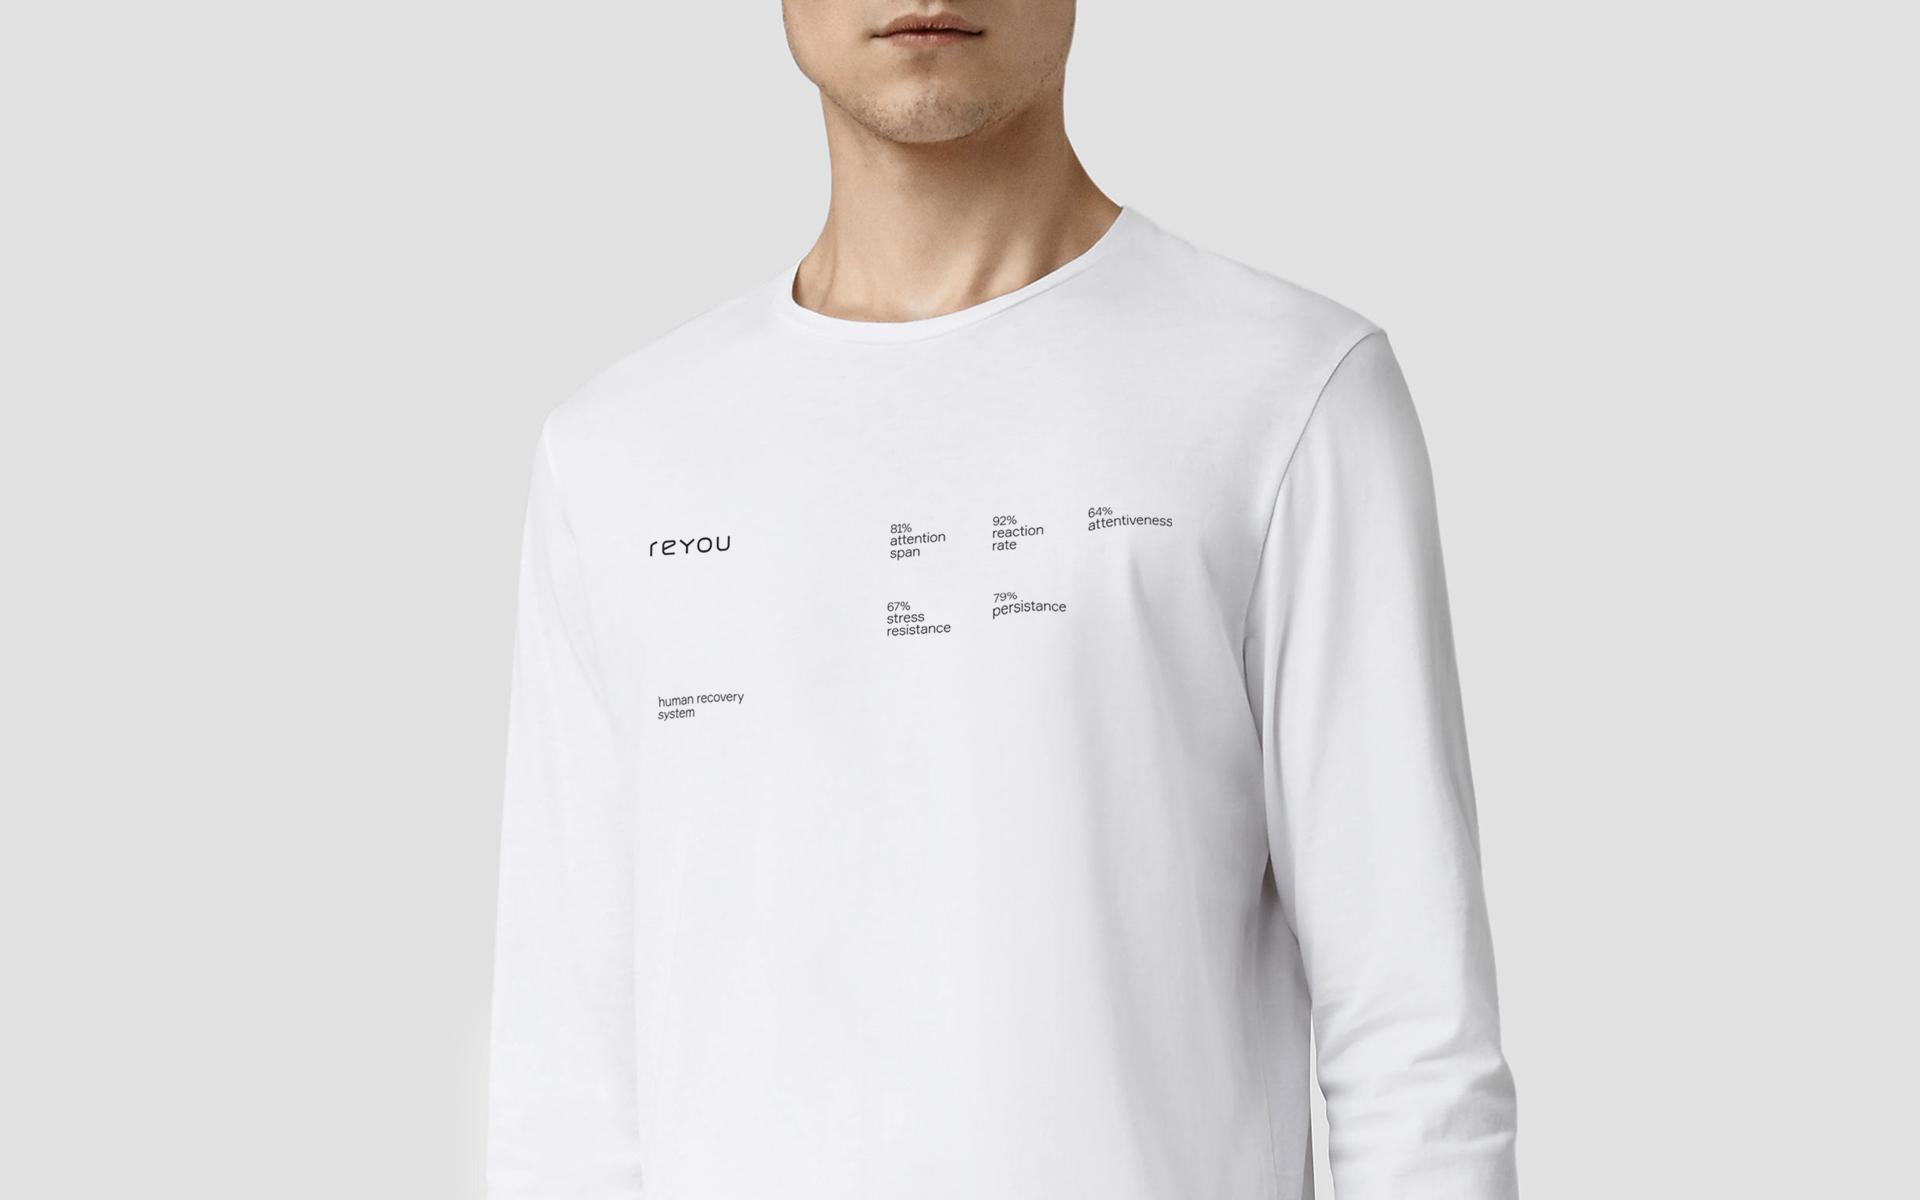 tshirt_1920